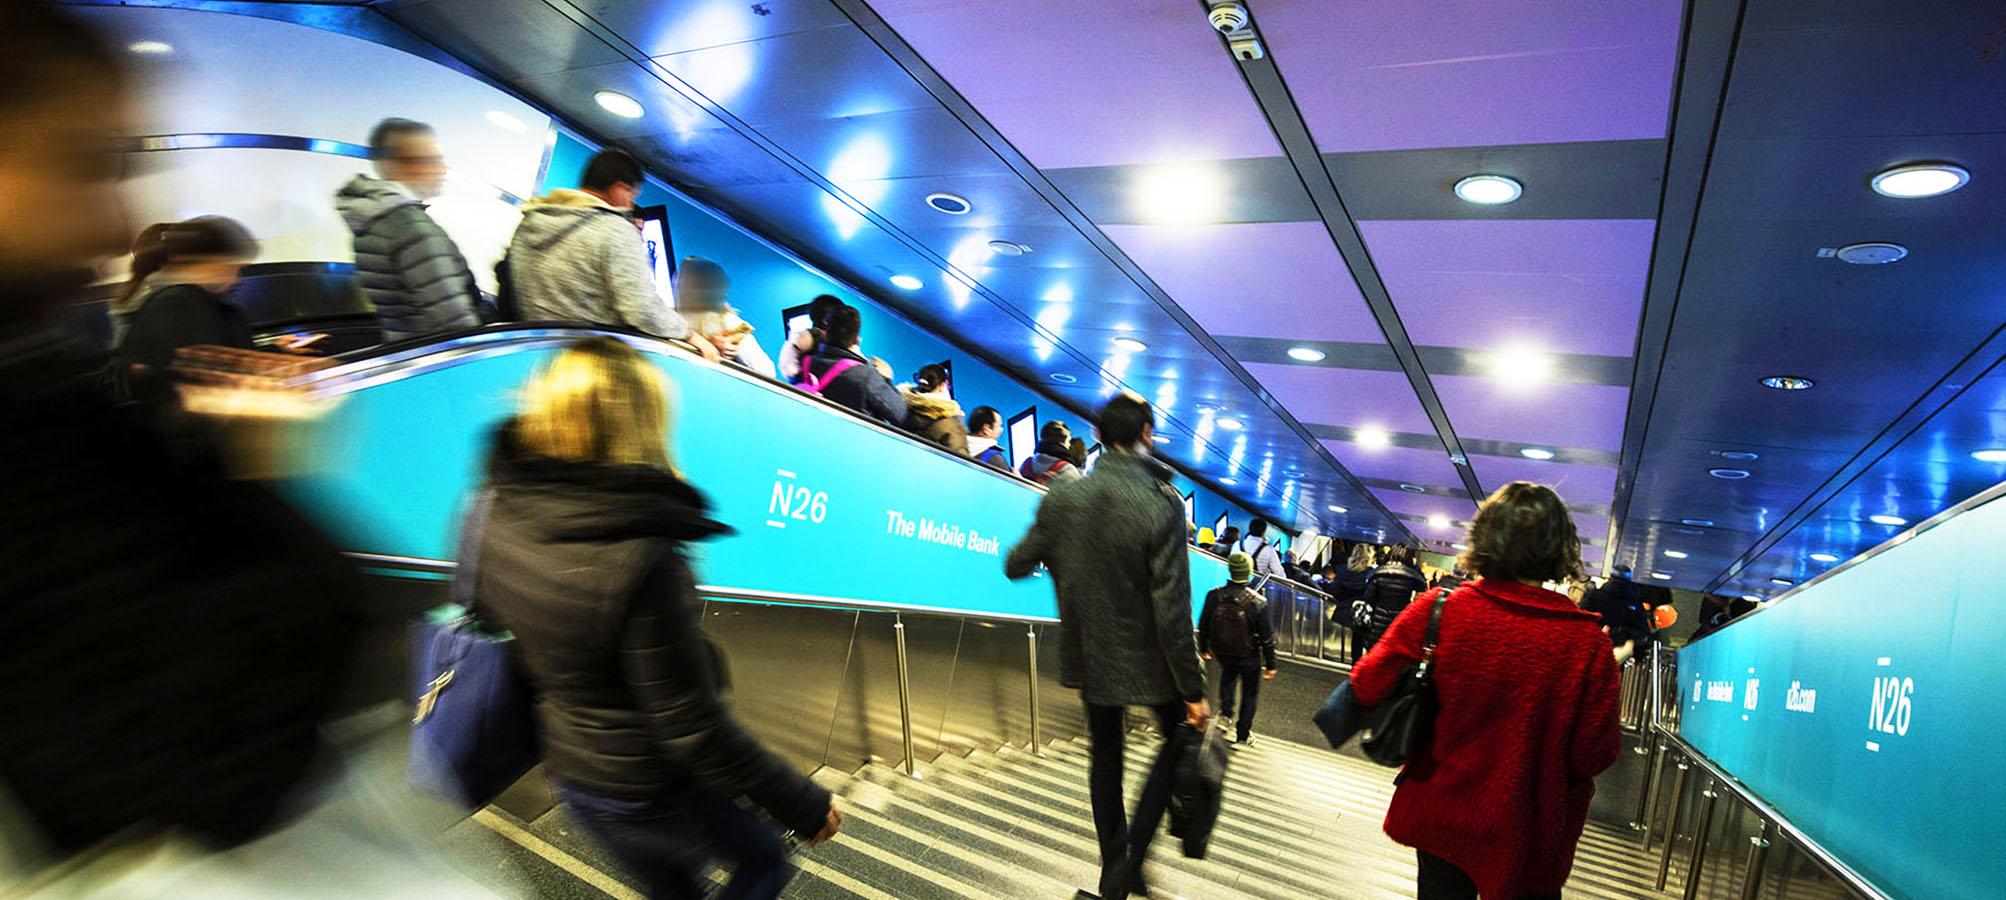 N26 IGPDecaux Digital Escalator a Roma